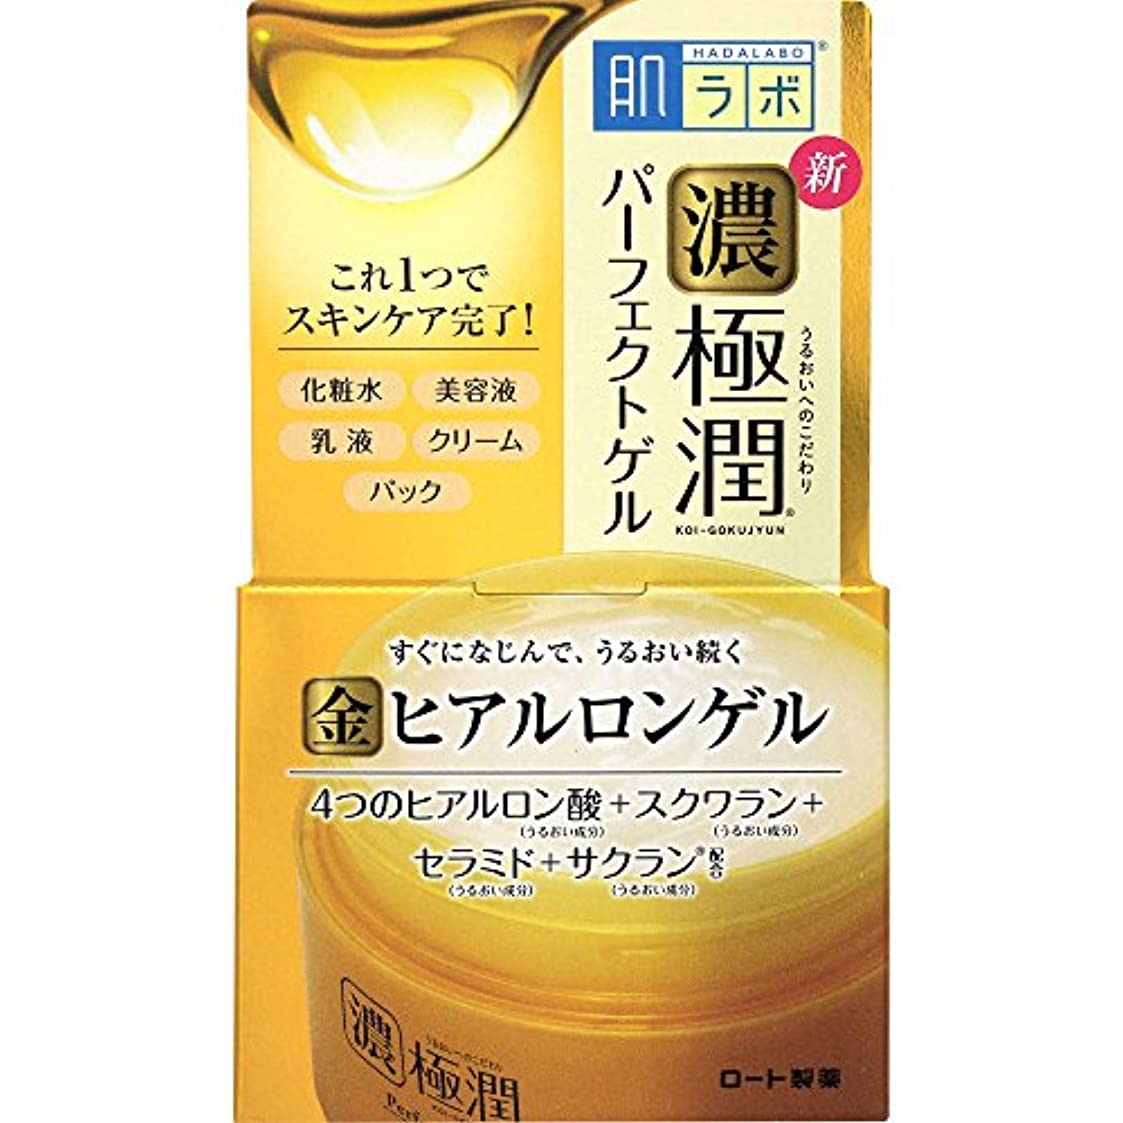 おかしい条件付き格納肌ラボ 濃い極潤 オールインワン パーフェクトゲル ヒアルロン酸×スクワラン×セラミド×サクラン配合 100g